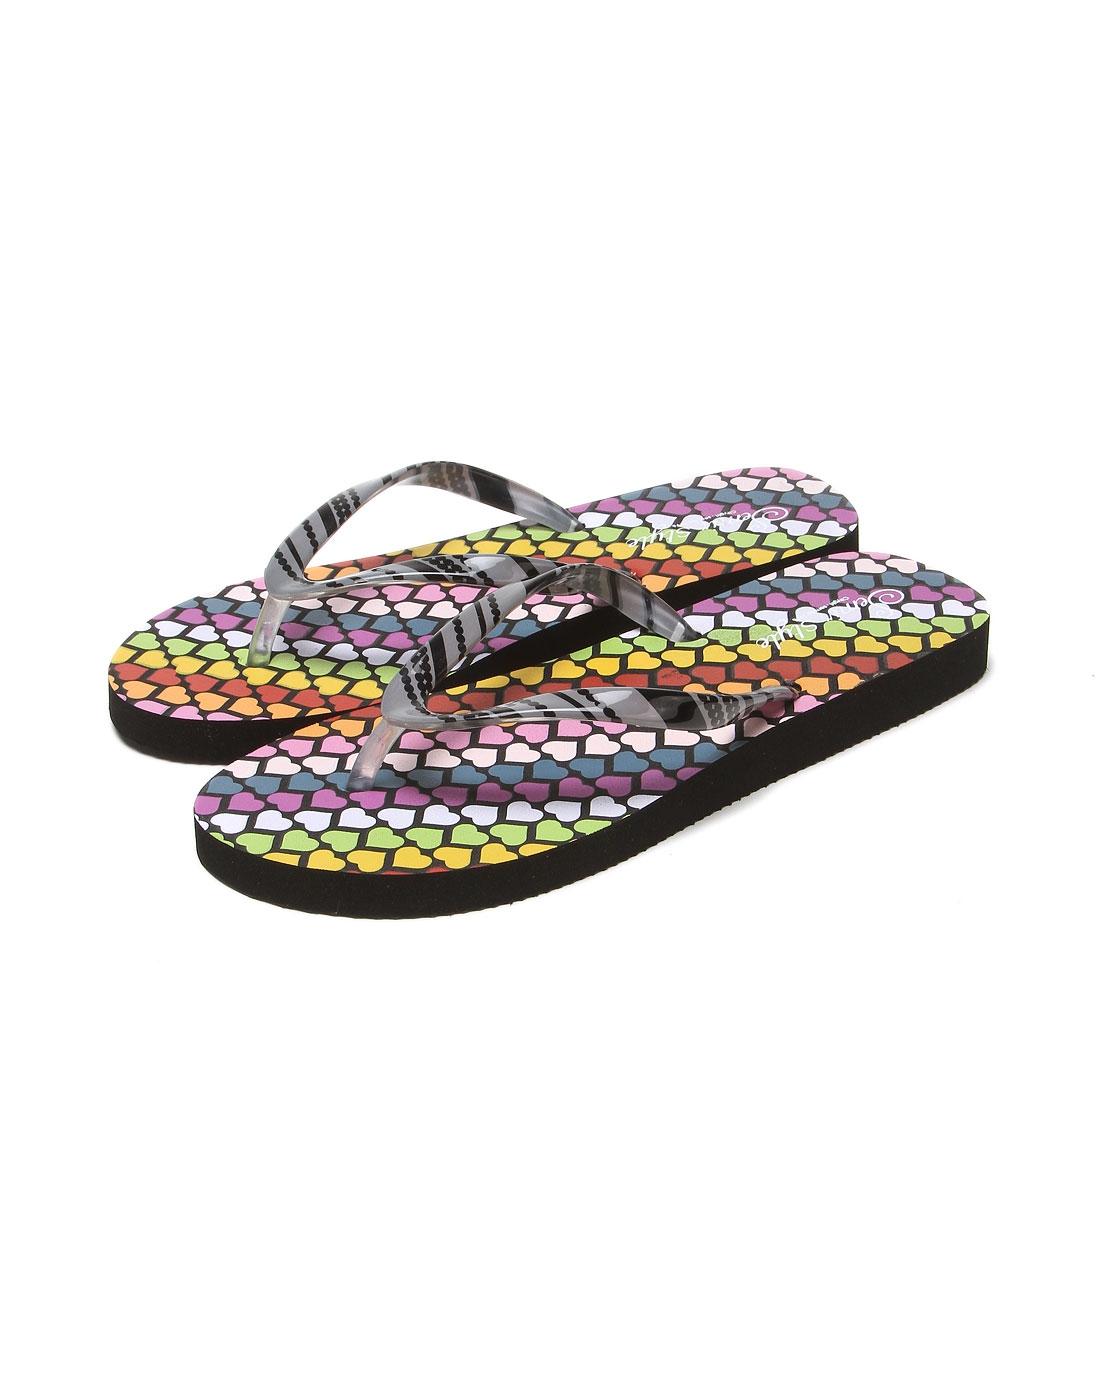 黑色底彩色心形沙滩人字拖鞋